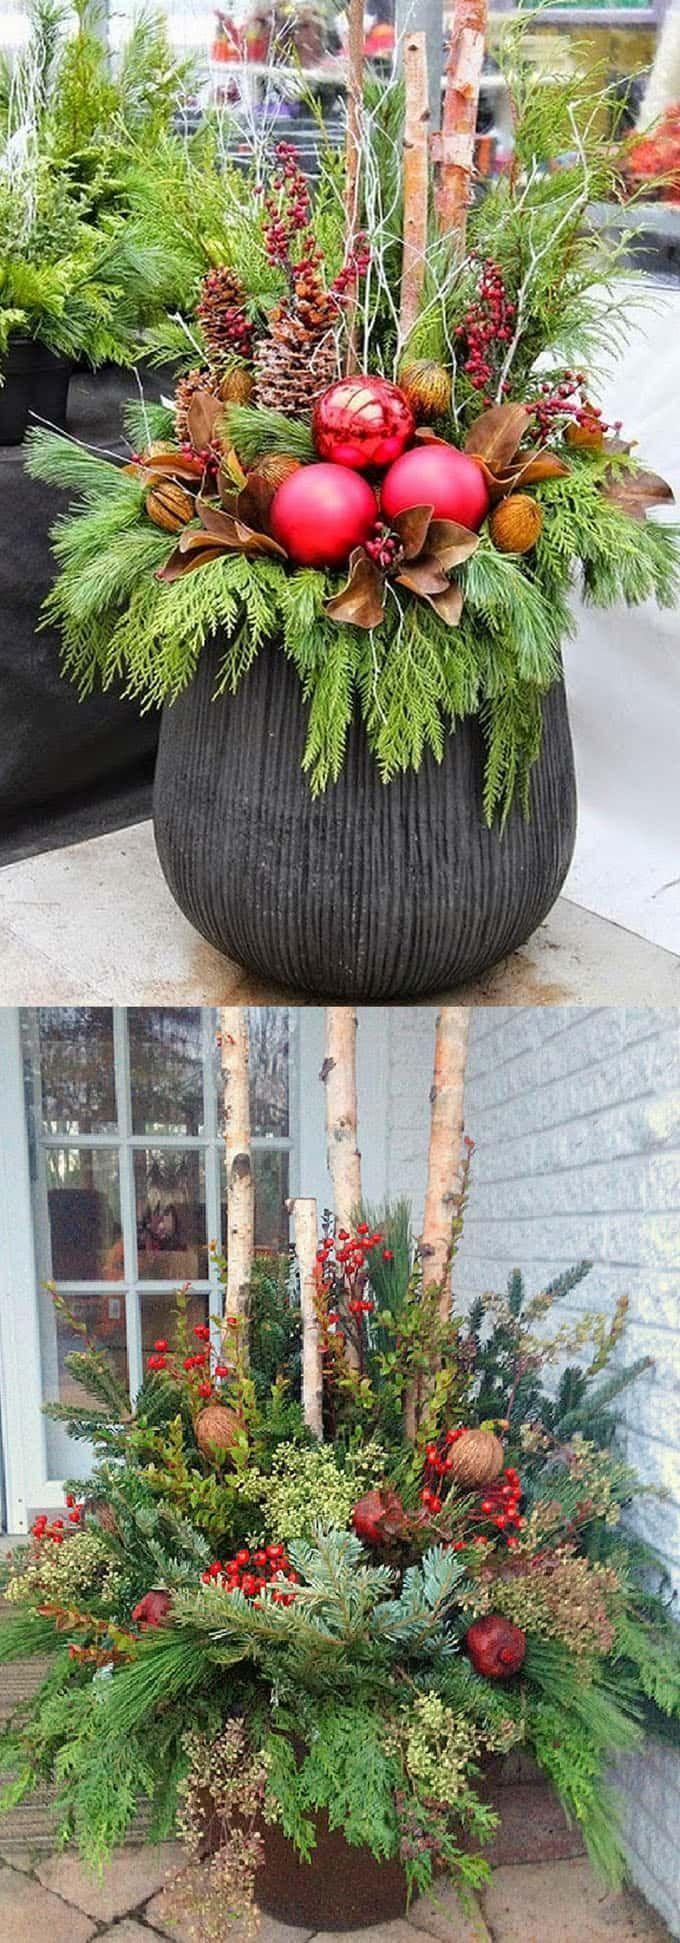 Um bunte Winterpflanzgefäße im Freien und schöne Weihnachtspflanzgefäße zu schaffen #wintergardening